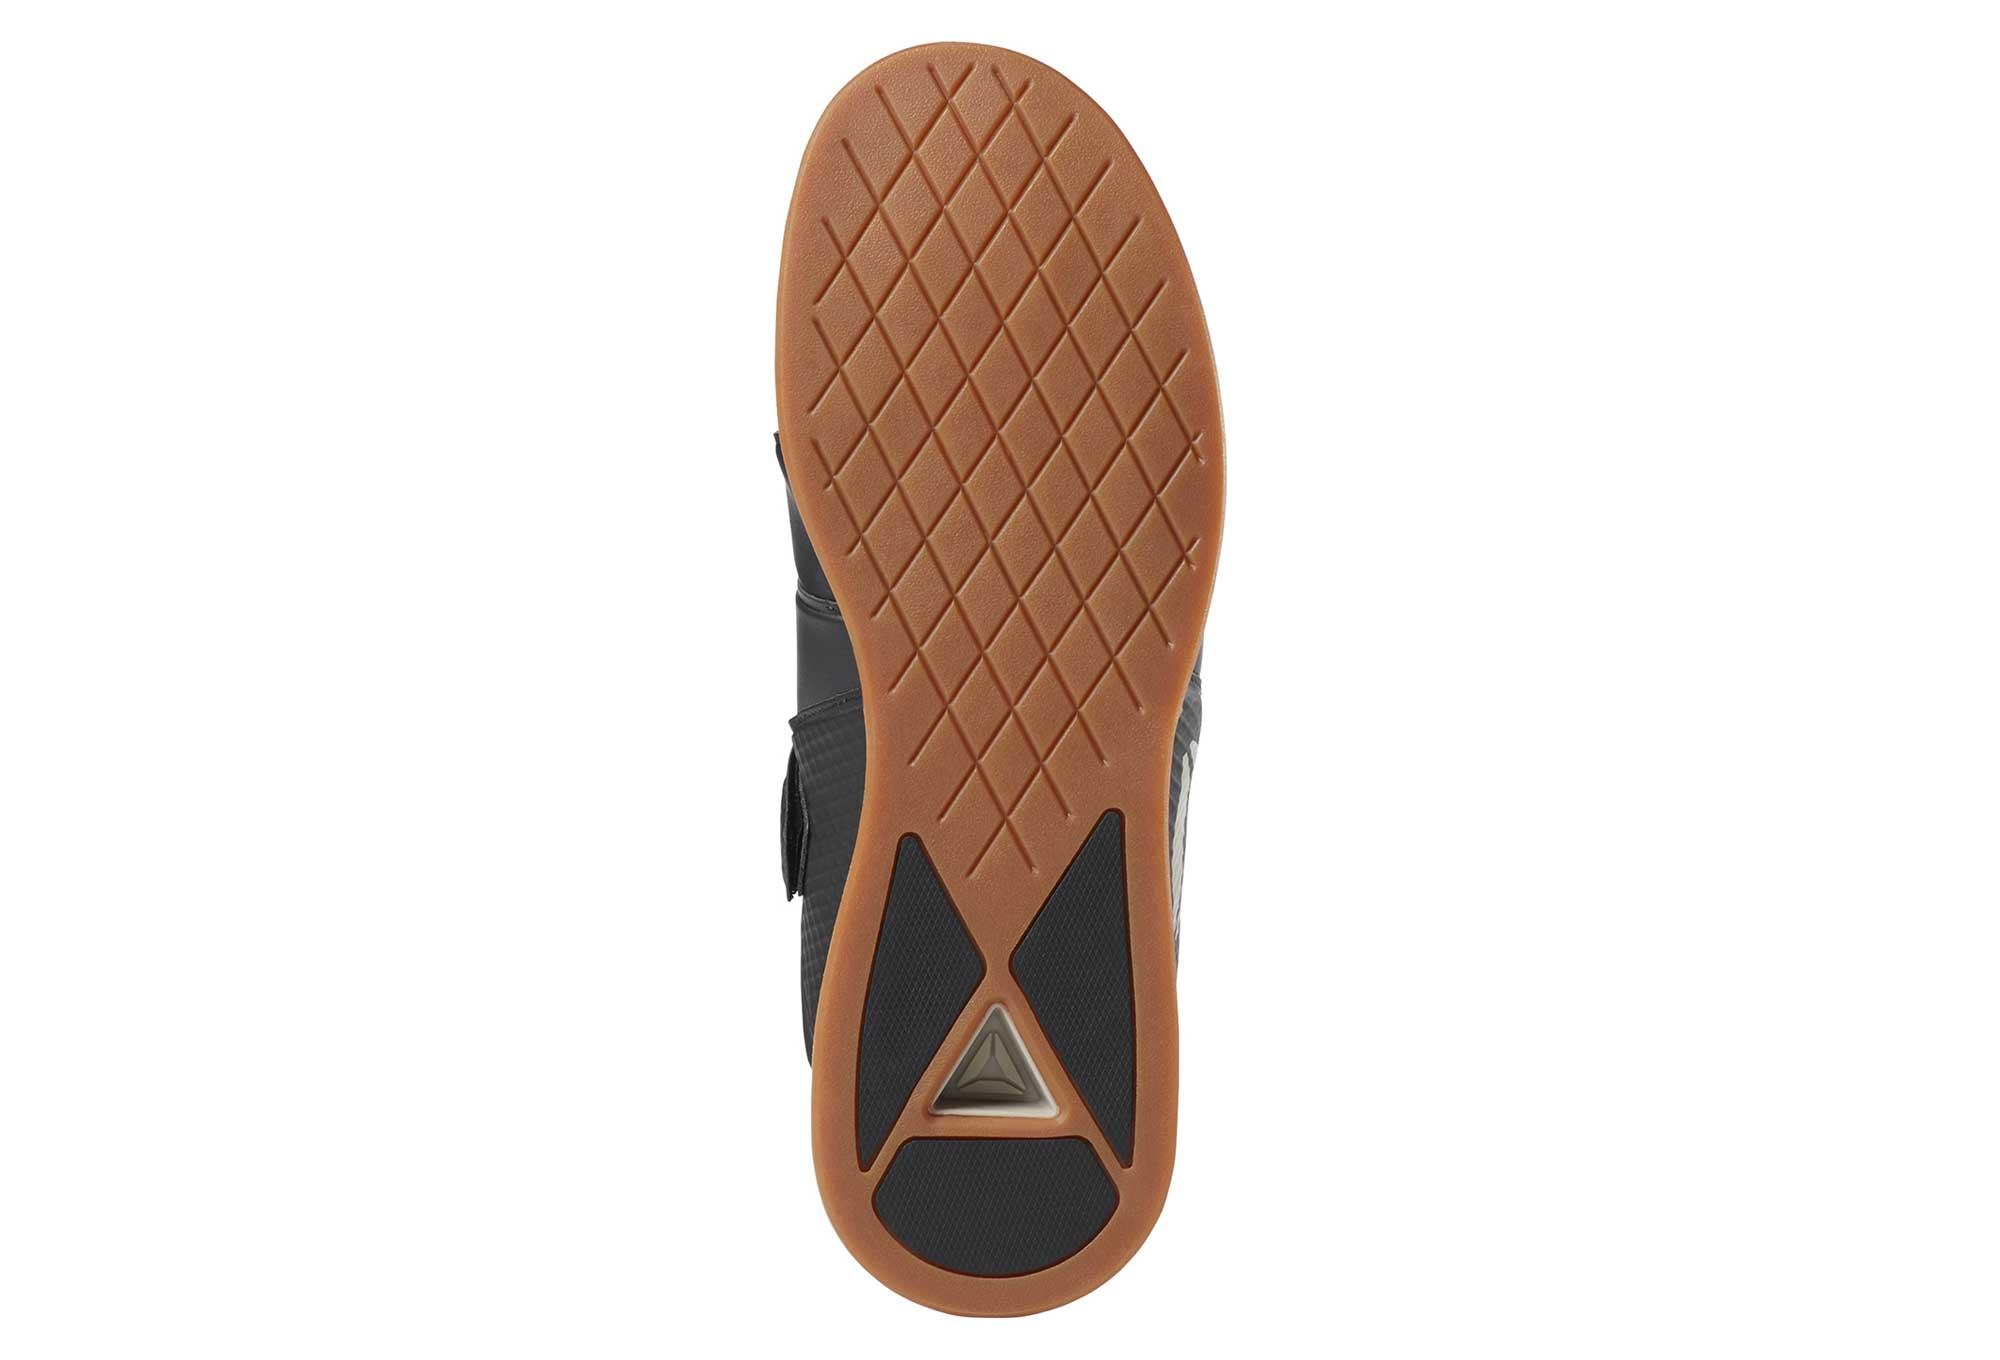 Chaussures de Cross Training Reebok Legacy Lifter Noir Beige